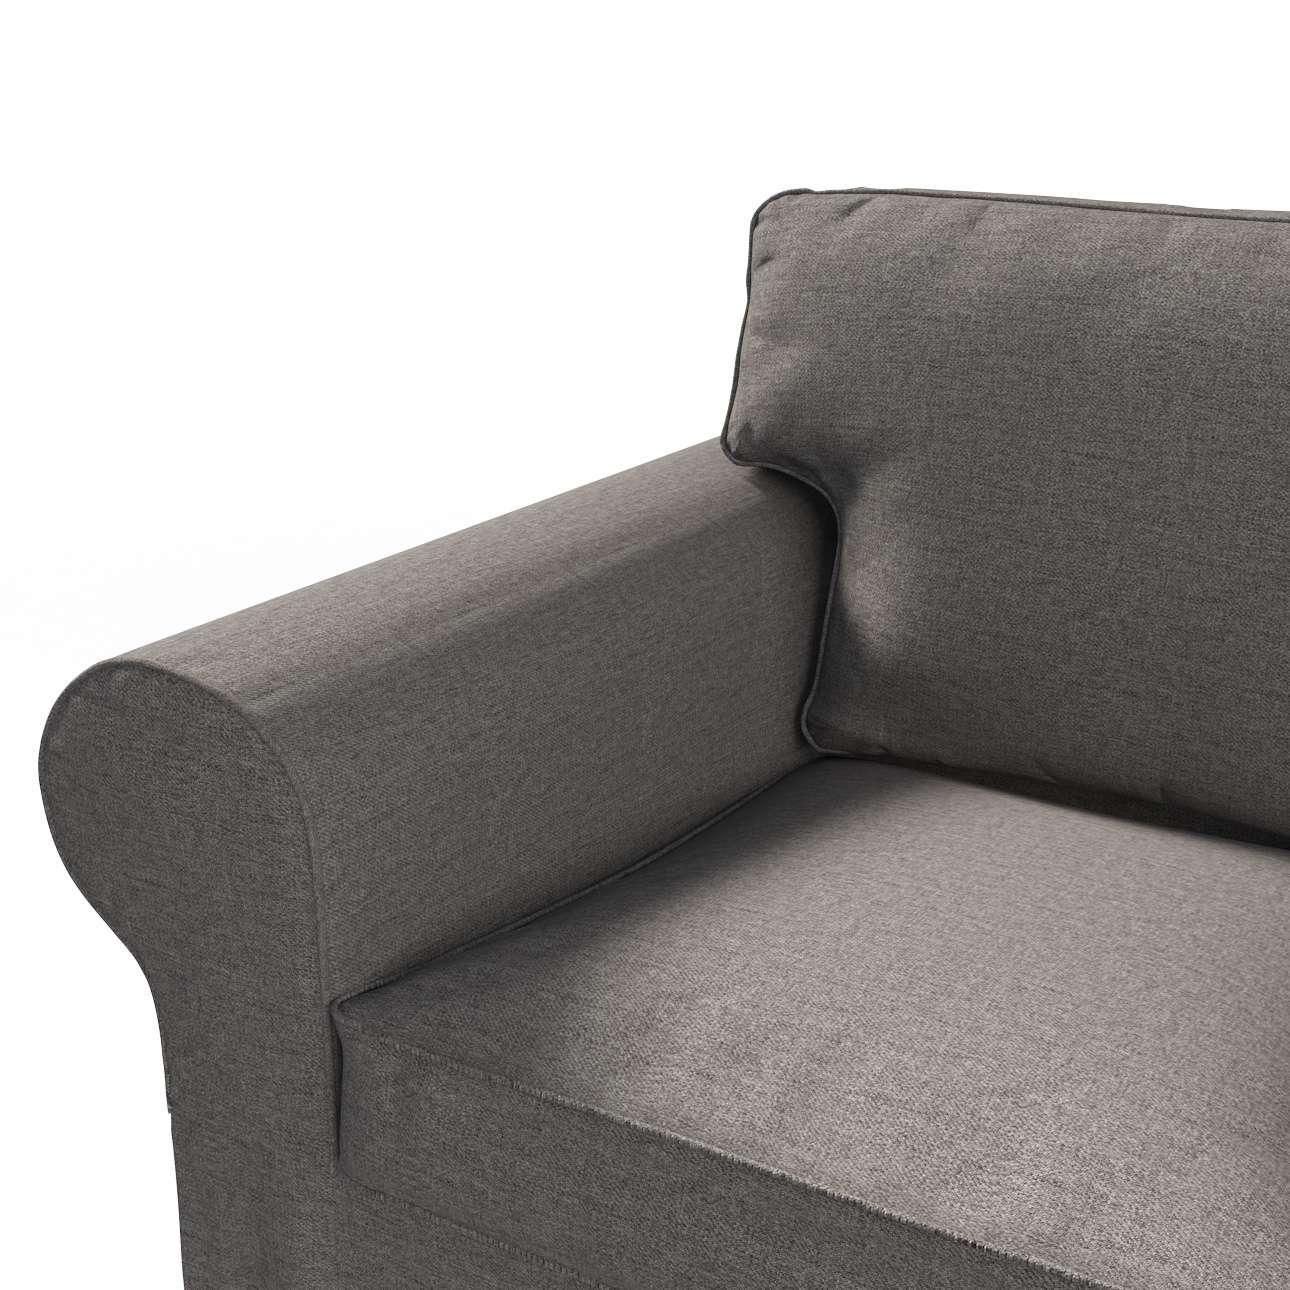 Potah na pohovku IKEA  Ektorp 2-místná, rozkládací, STARÝ MODEL pohovka Ektorp 2-místná rozkládací v kolekci Edinburgh, látka: 115-77